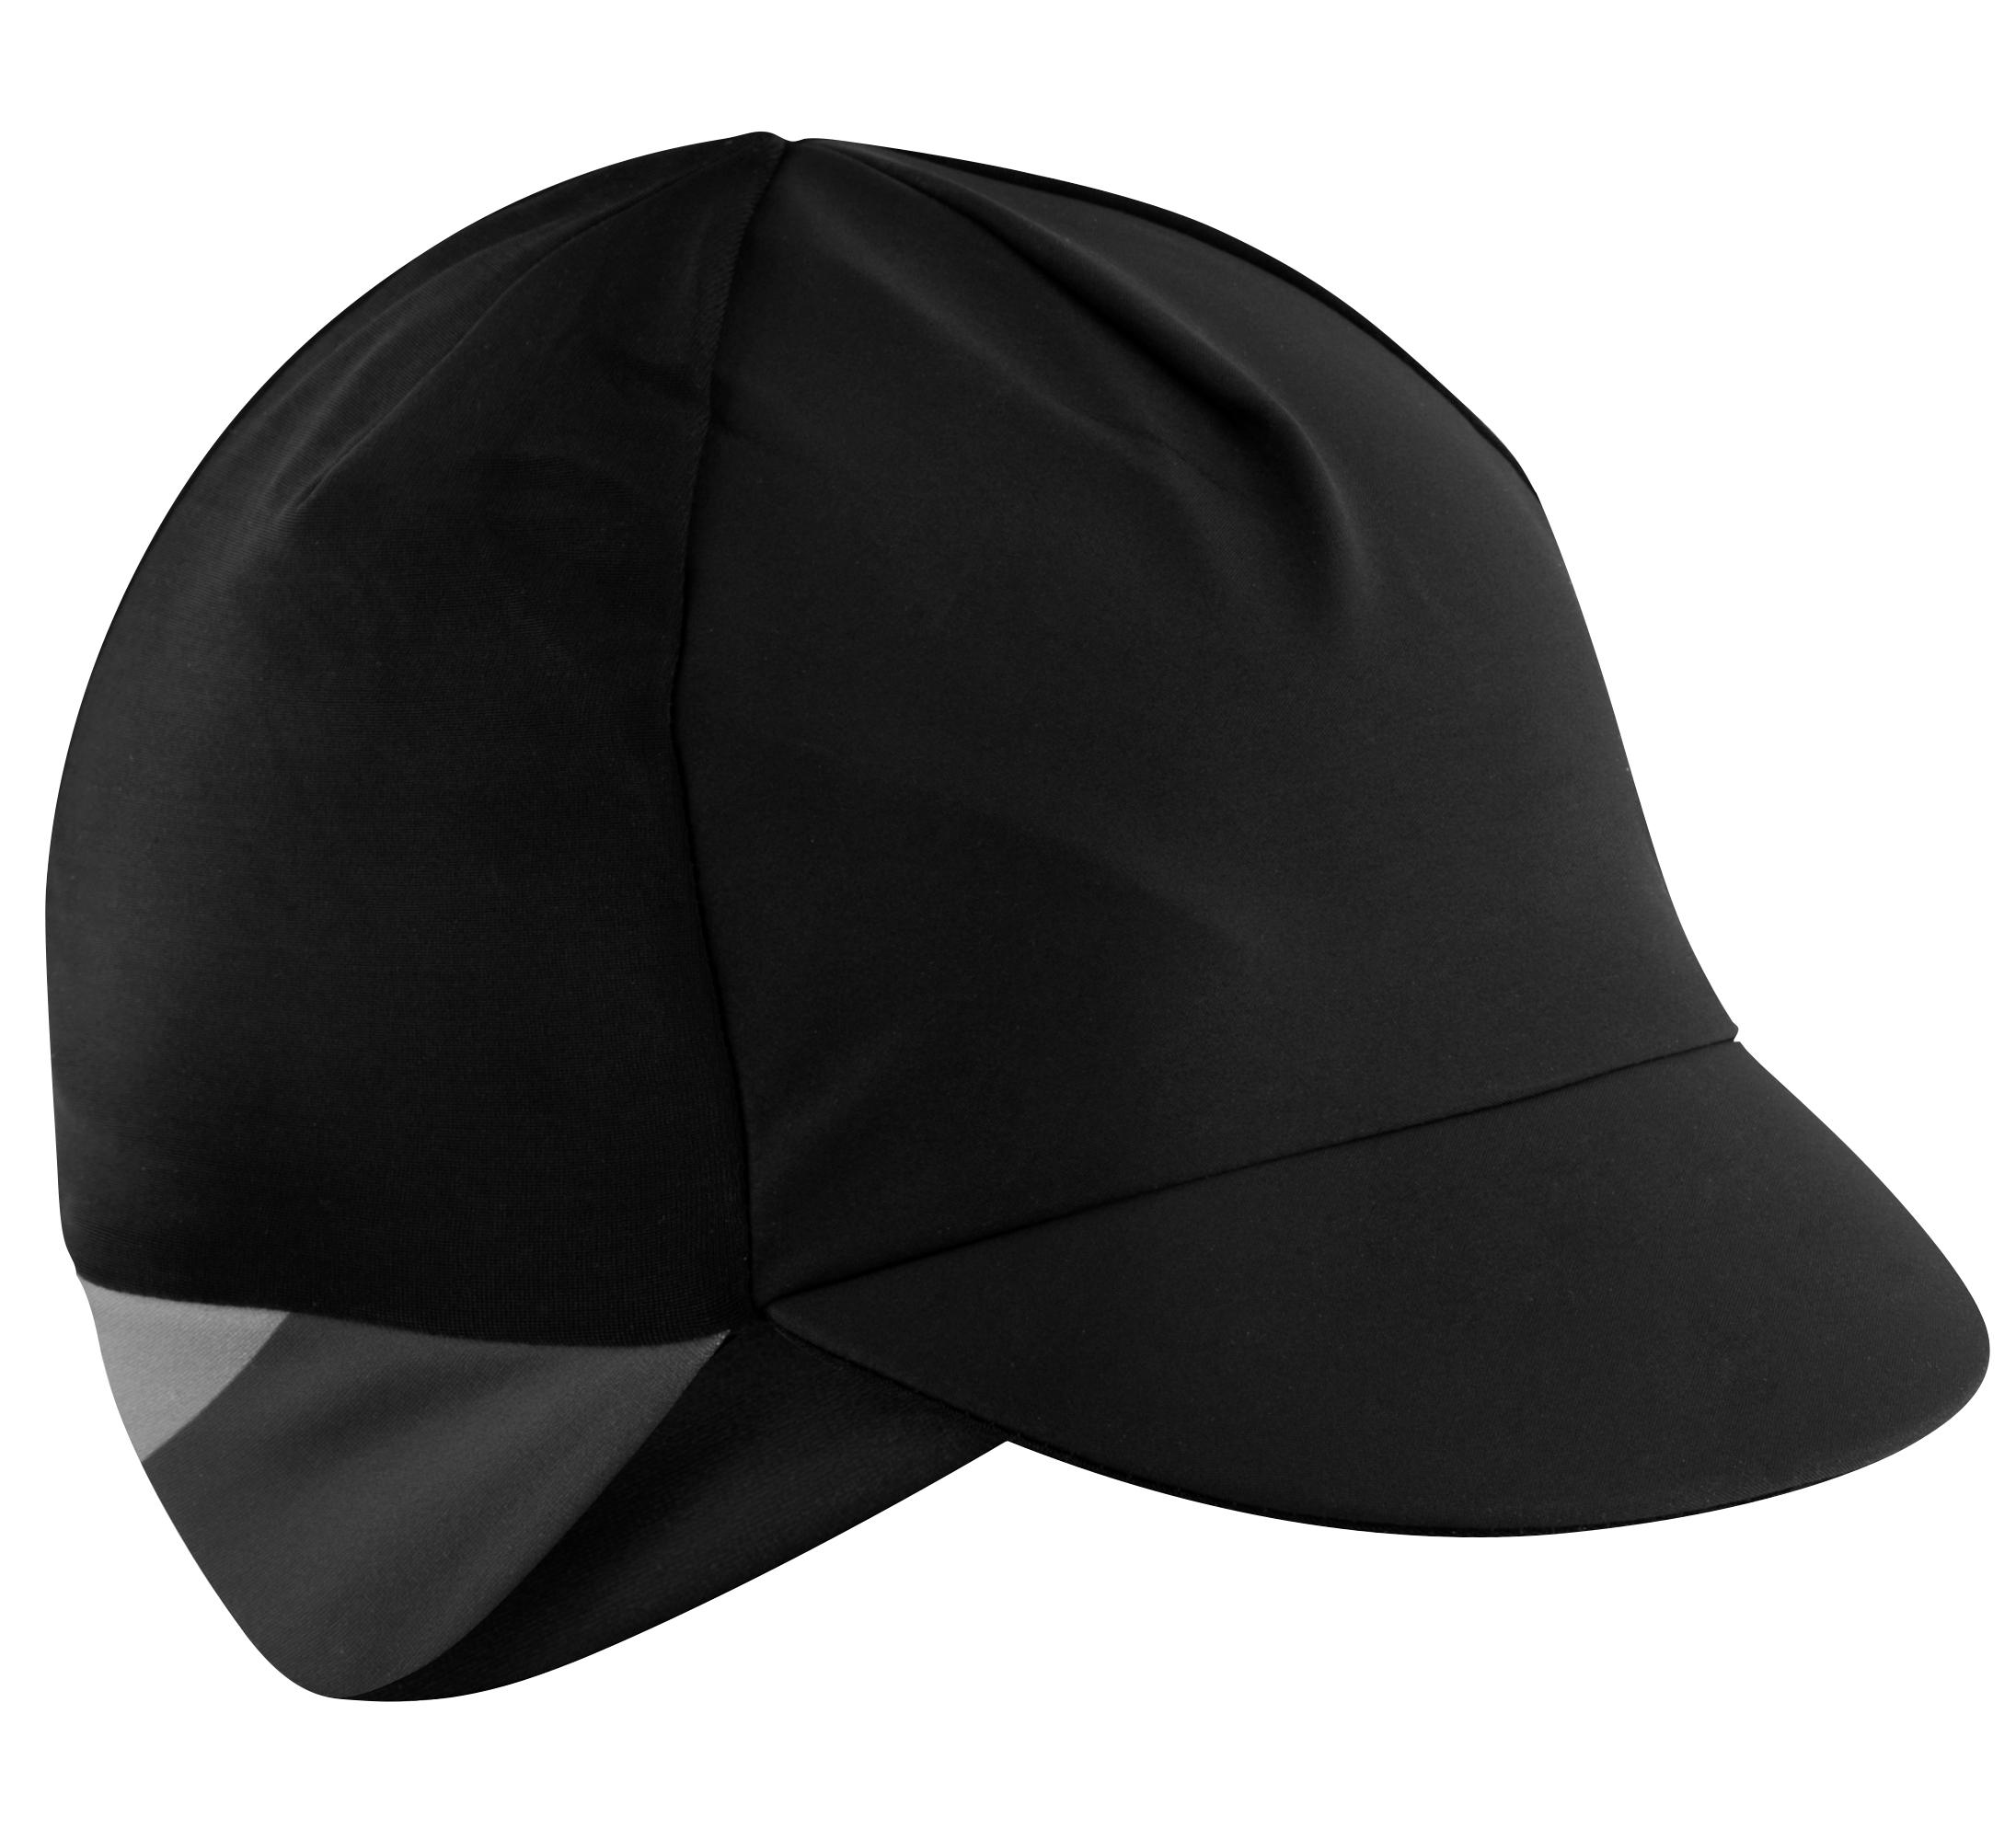 čepička s kšiltem FORCE BRISK zimní,črn-šedá